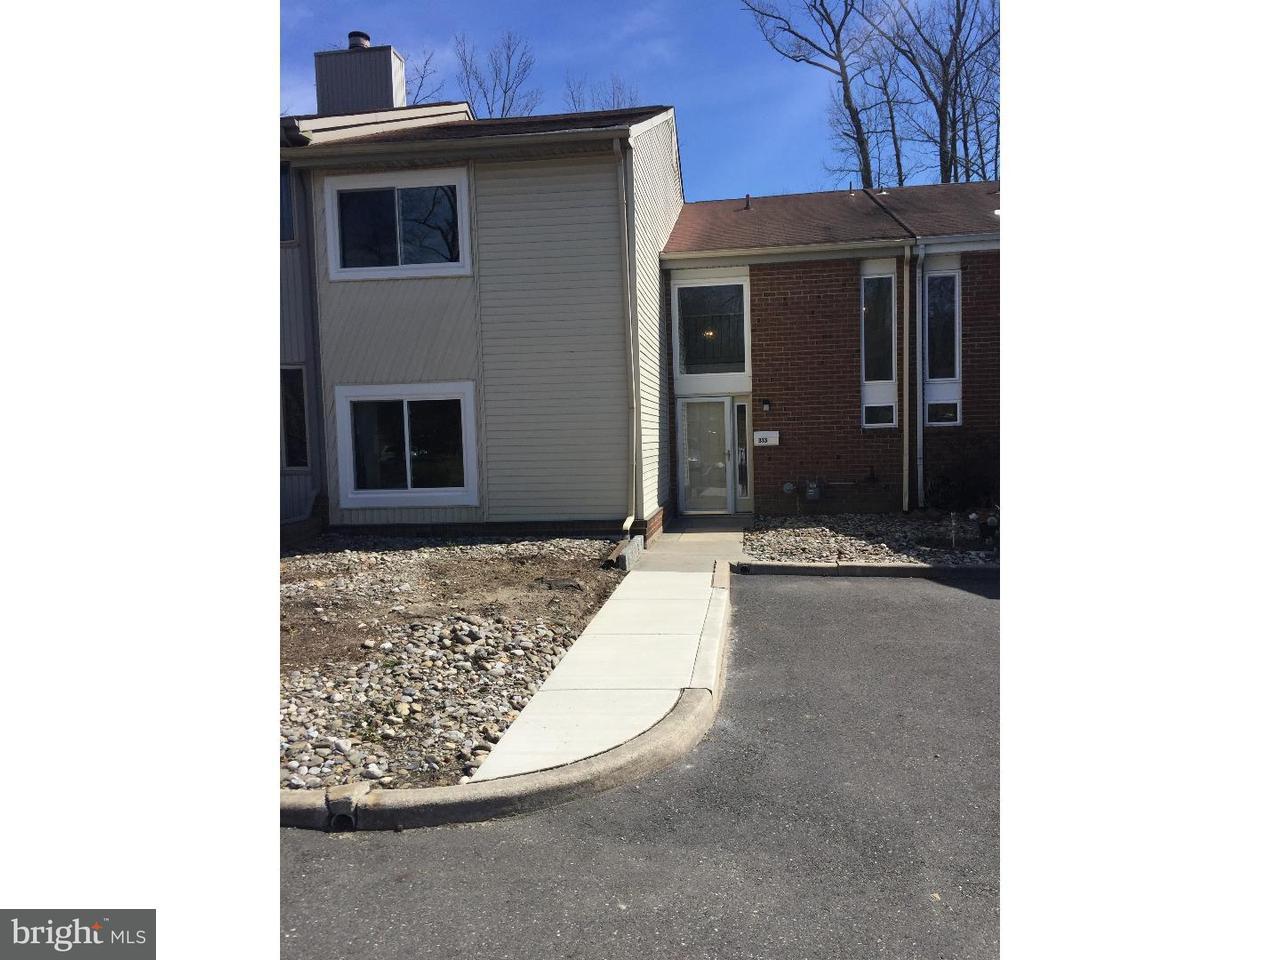 Casa Unifamiliar por un Alquiler en 313 BARTON RUN BLVD Marlton, Nueva Jersey 08053 Estados Unidos